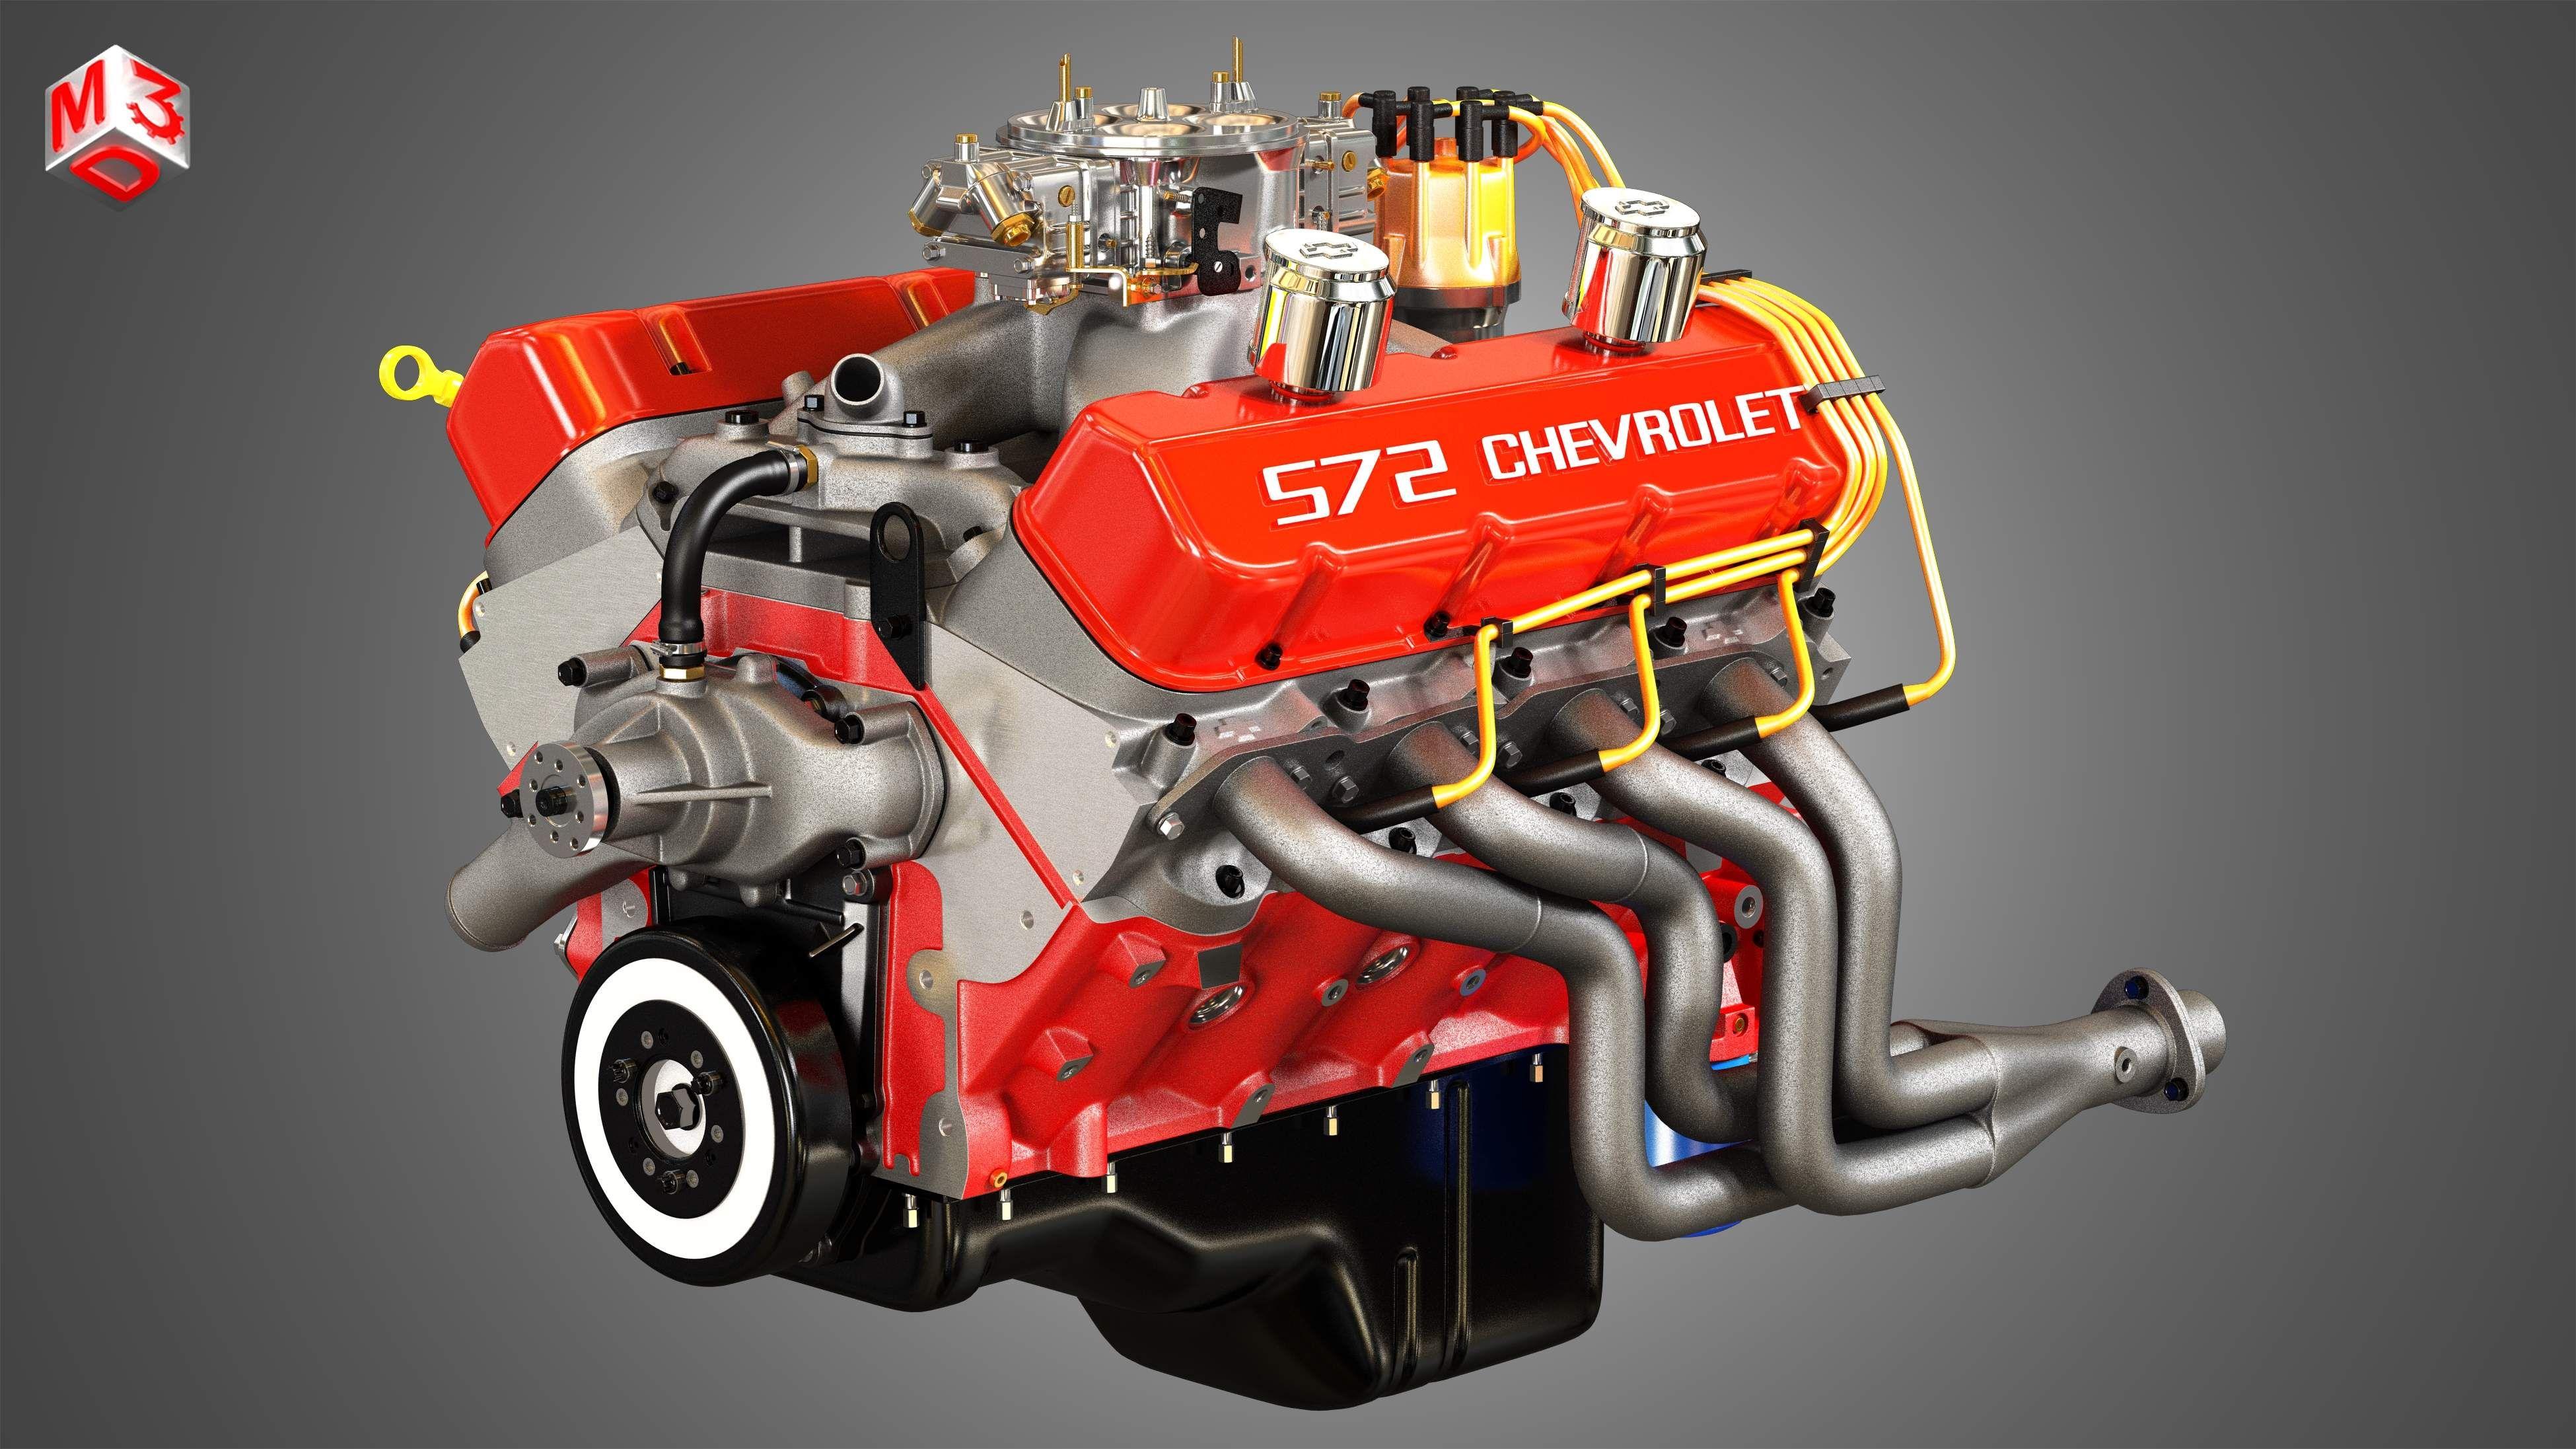 Kelebihan Chevrolet 572 Murah Berkualitas